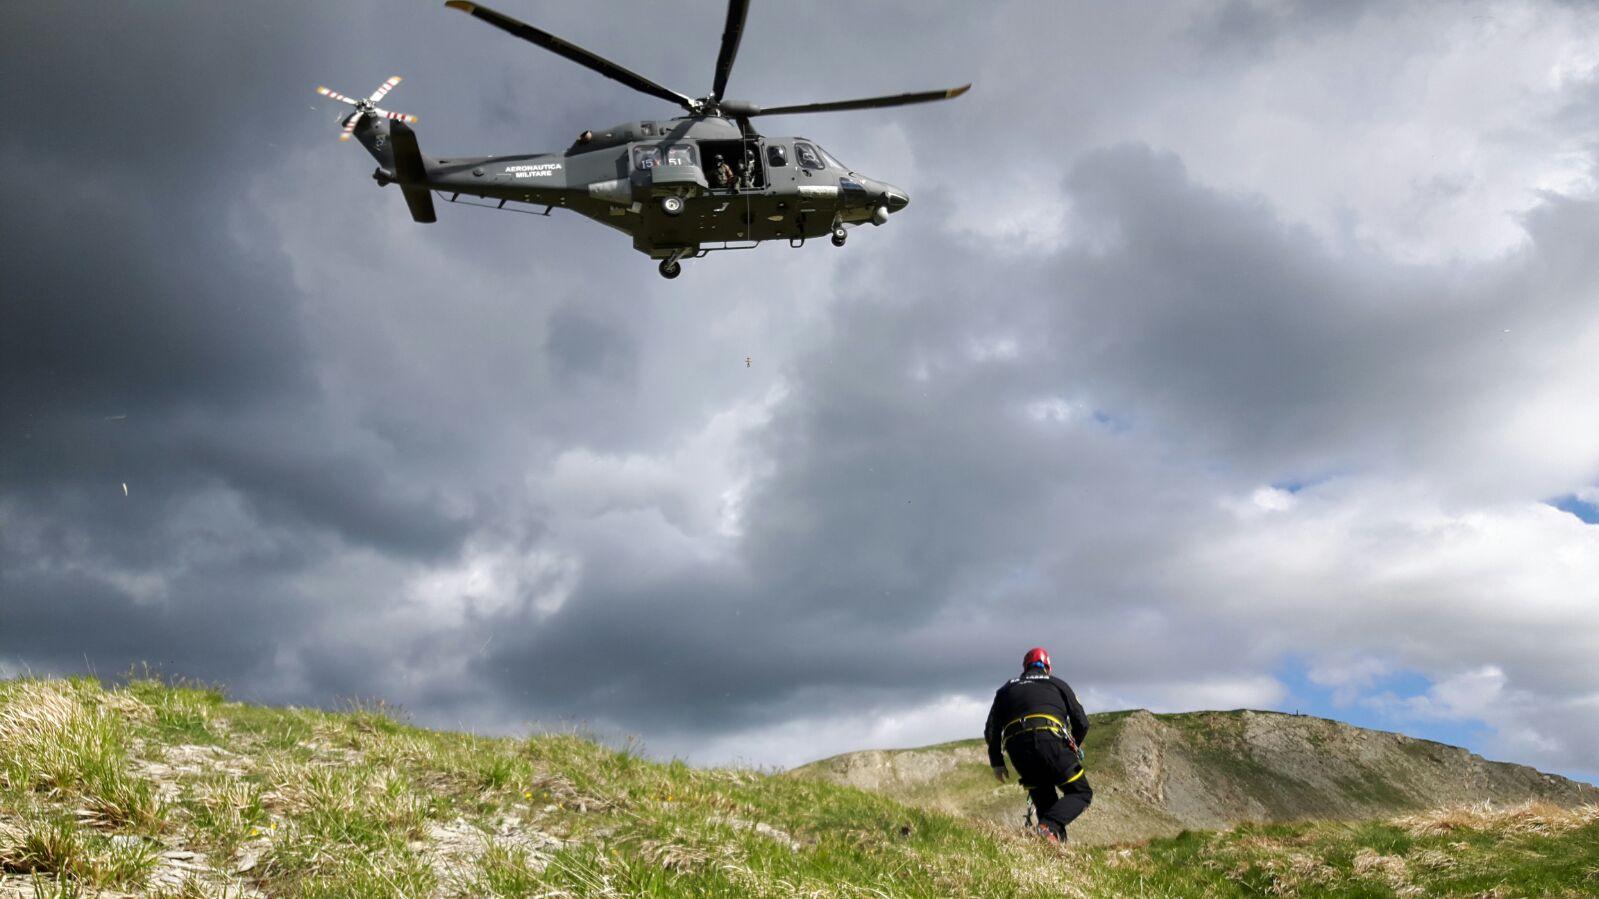 Ricerca e salvataggio dispersi dopo incidente aereo: le immagini della simulazione SAER CNSAS